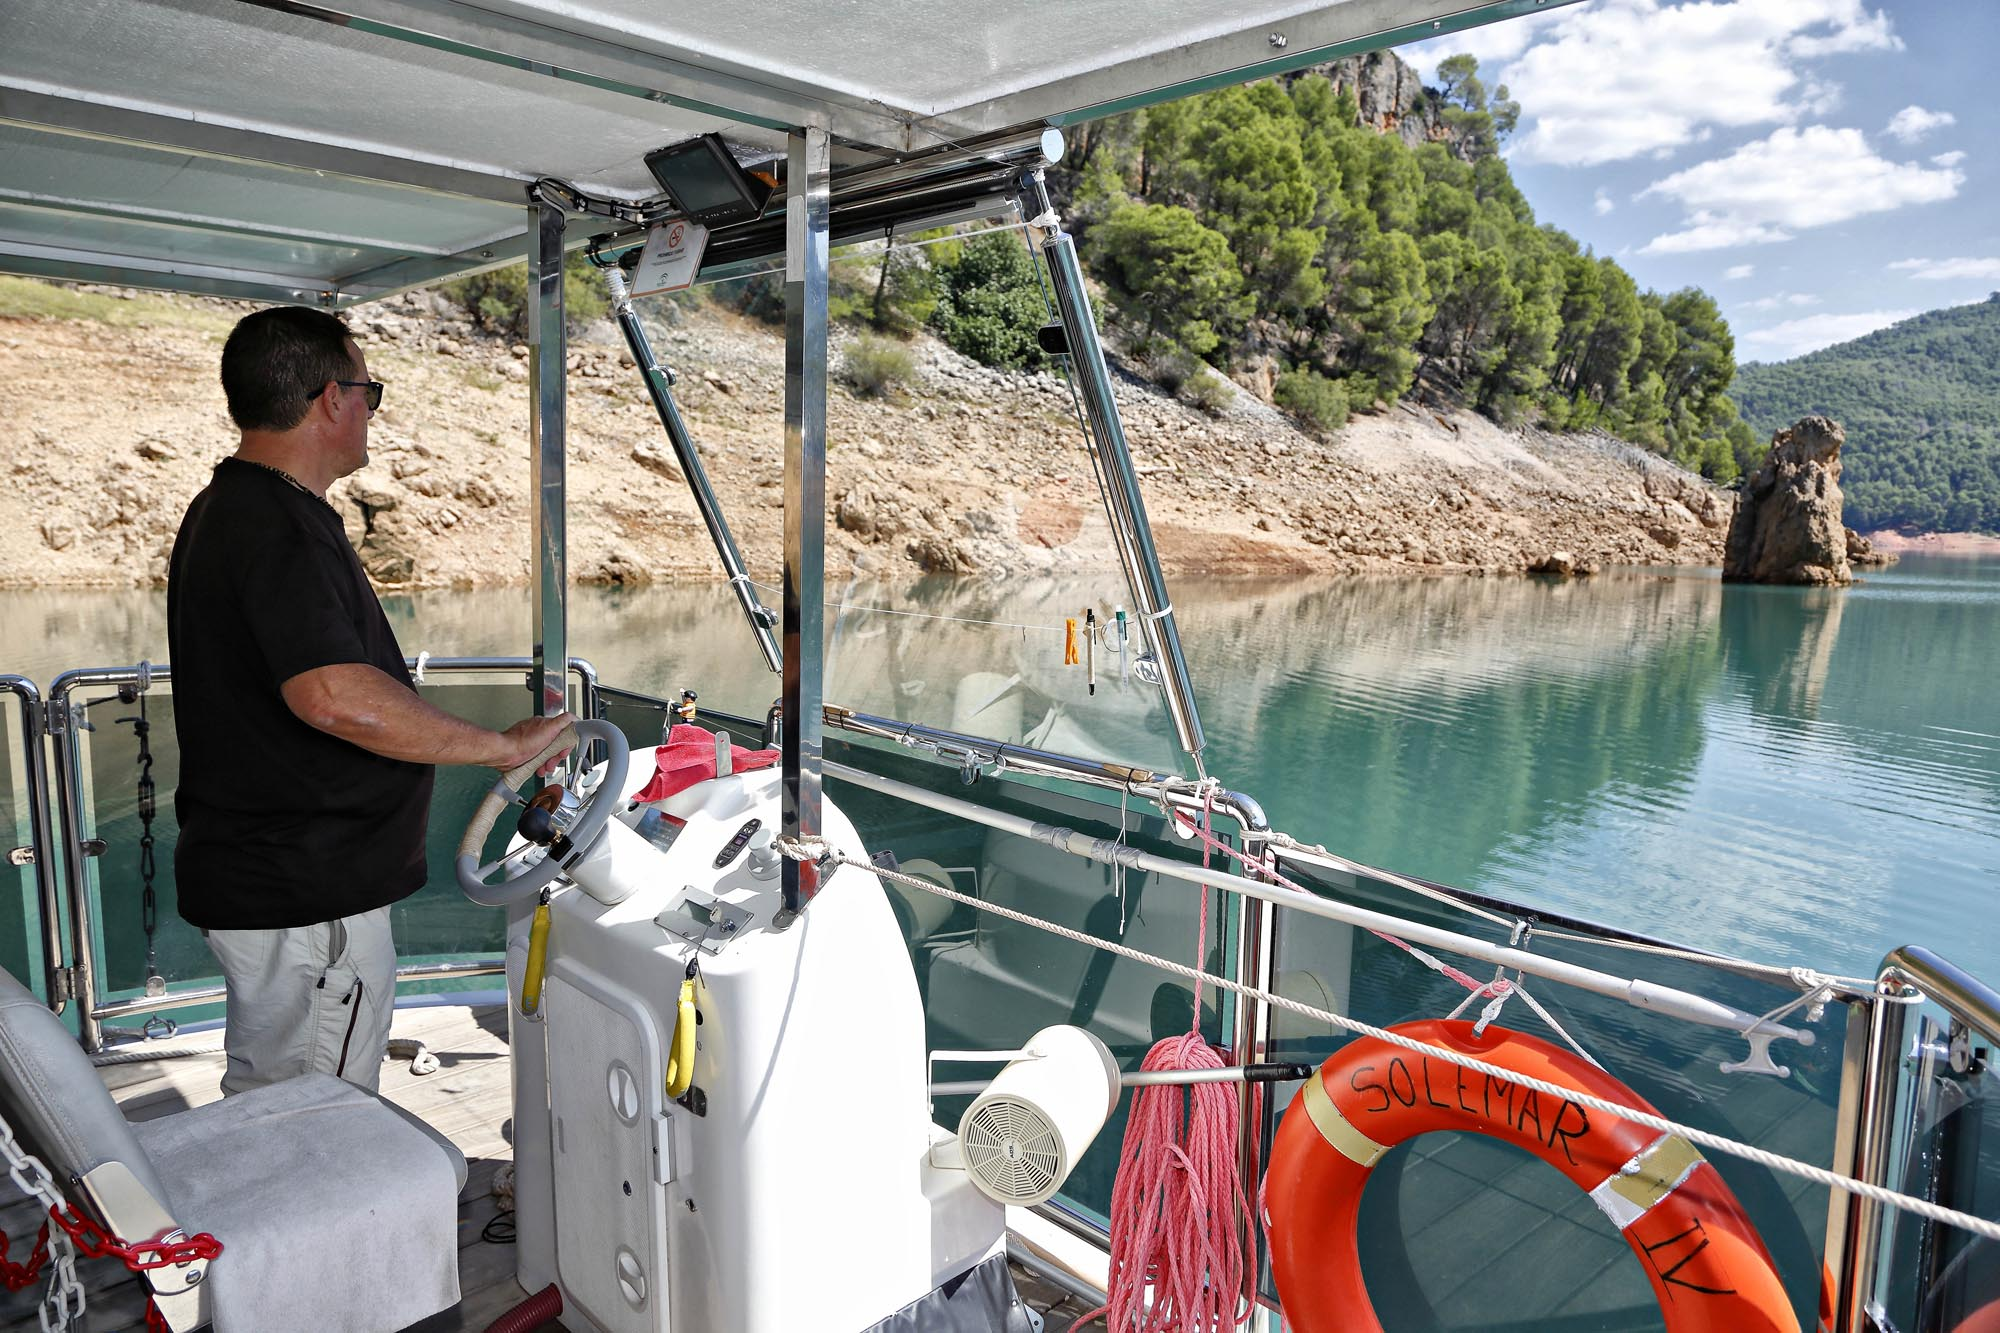 Joaquín lleva más de 38 años navegando con barcos. Hasta ahora ninguno era solar.